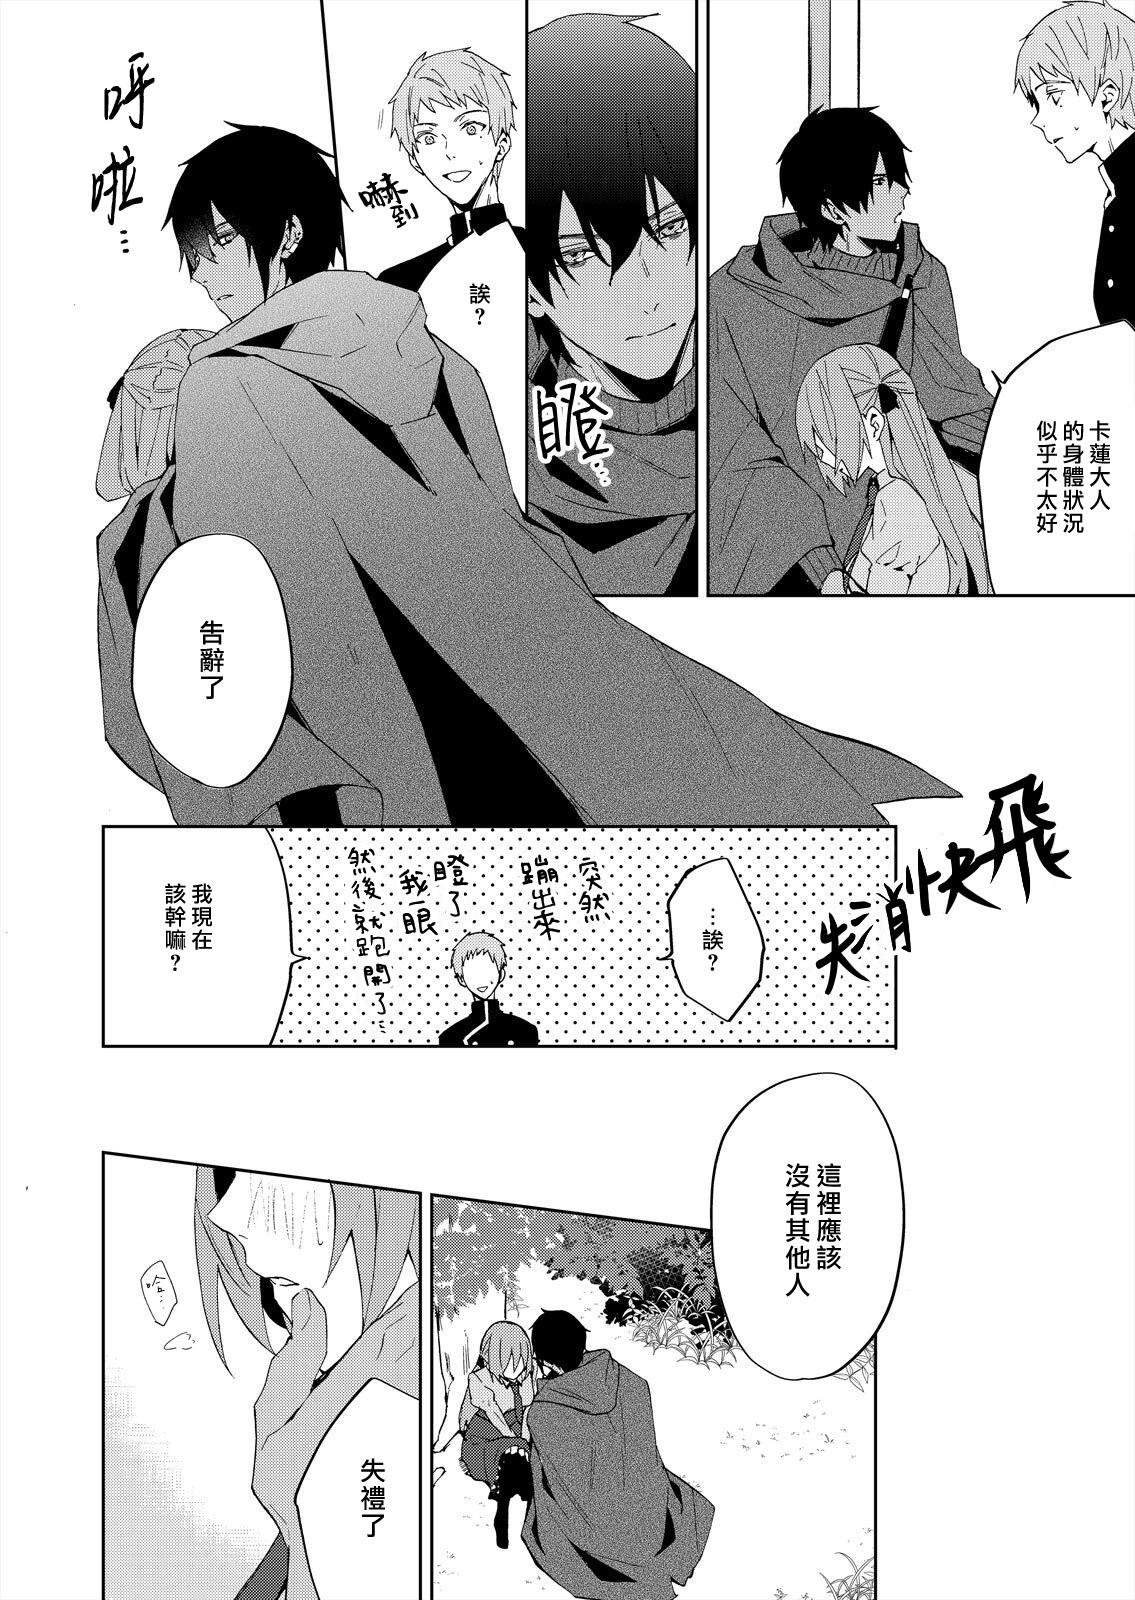 [Yuzushiwo] Akuyaku Reijou wa Ichizu ni Dekiai sarete ~Noumitsu Sex no Aite wa Juuboku~ | 被疯狂溺爱的反派大小姐~浓密性爱对象是仆从~ 1-5 [Chinese] [莉赛特汉化组] 47